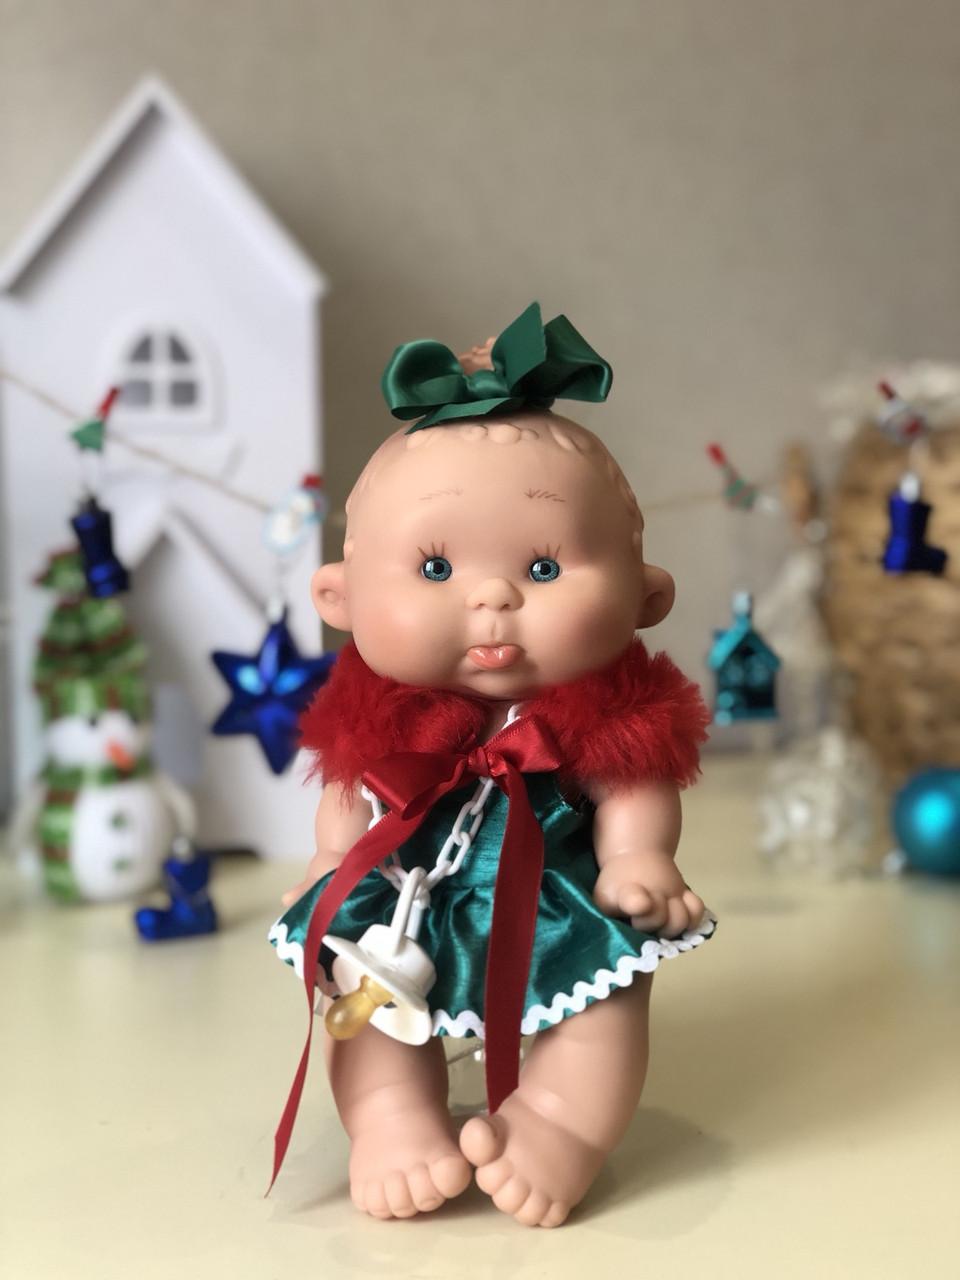 Испанская кукла-пупс Pepotes с ароматом ванили (Nines d'Onil)